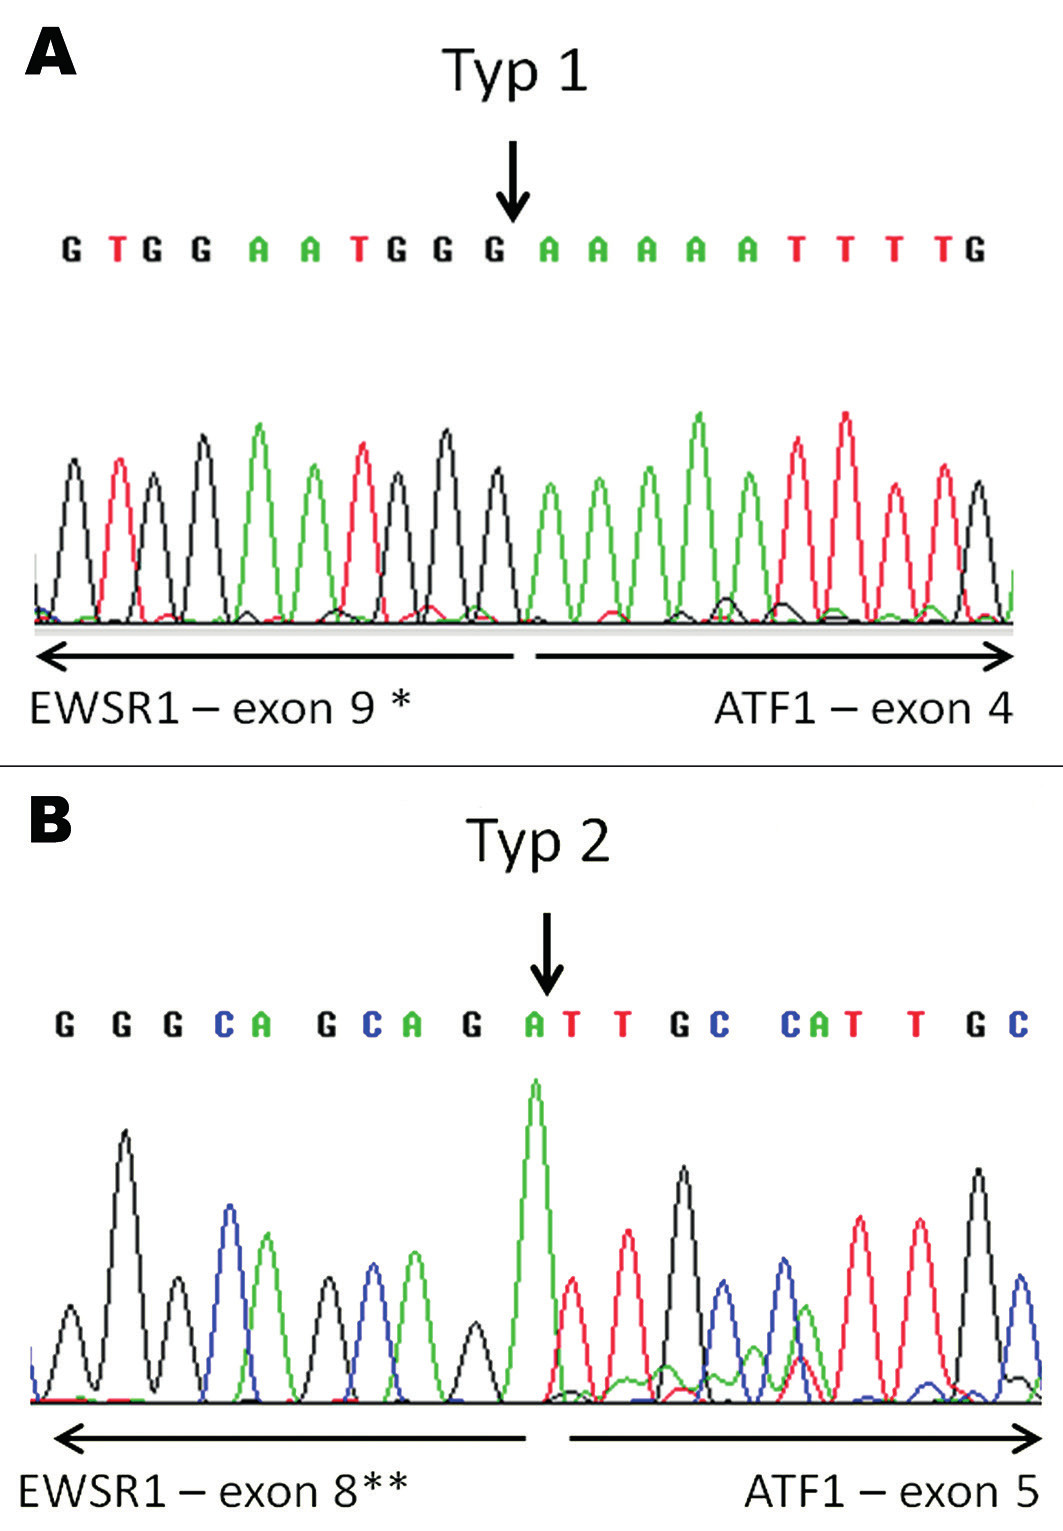 Konfirmace průkazu fúzního transkriptu EWSR1-ATF1 pomocí sekvenování. V tumoru nalezeny fúzní transkripty typu 1 (A) a typu 2 (B). Šipky vyznačují místa fúze.